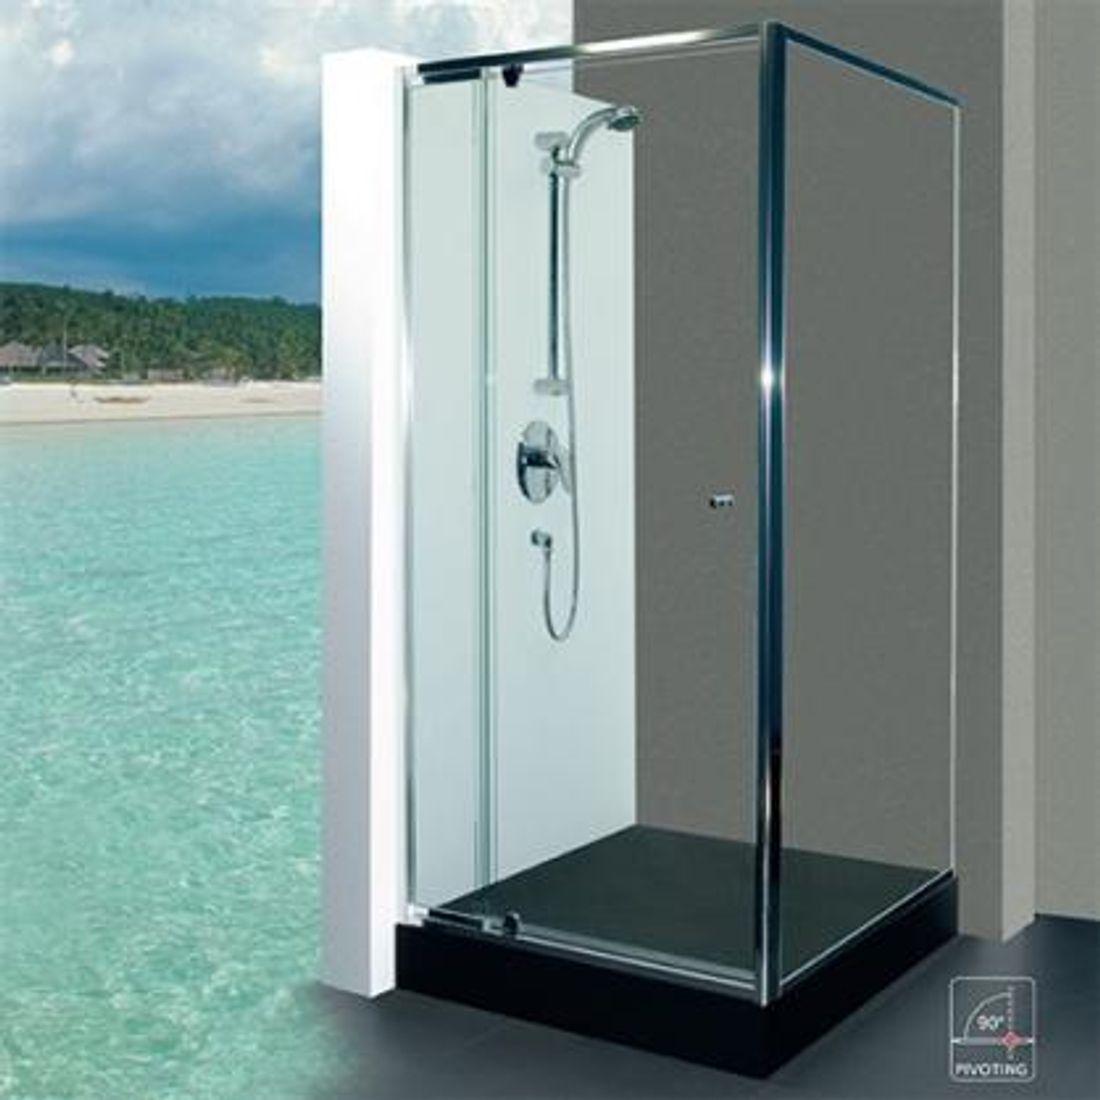 Top 10 Bathroom Shower Design Ideas - hipages.com.au